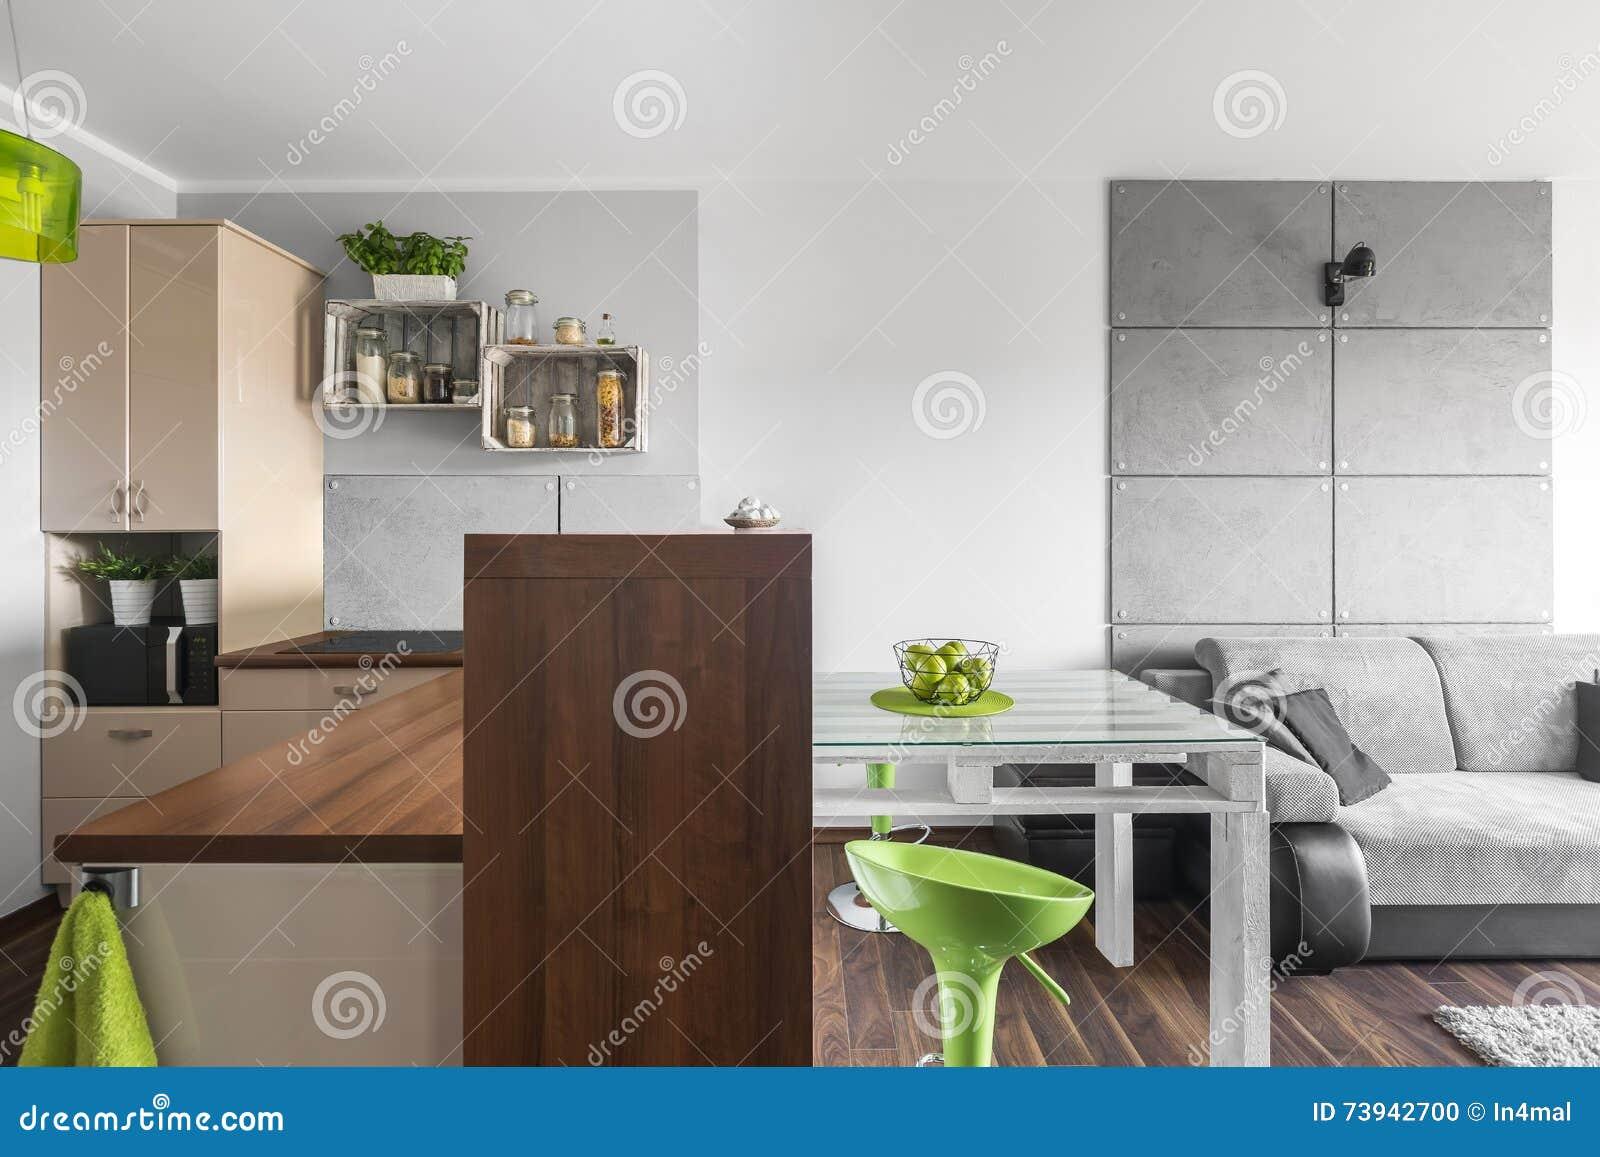 Neue Küche Und Wohnzimmer Kombiniert Stockfoto - Bild von ...